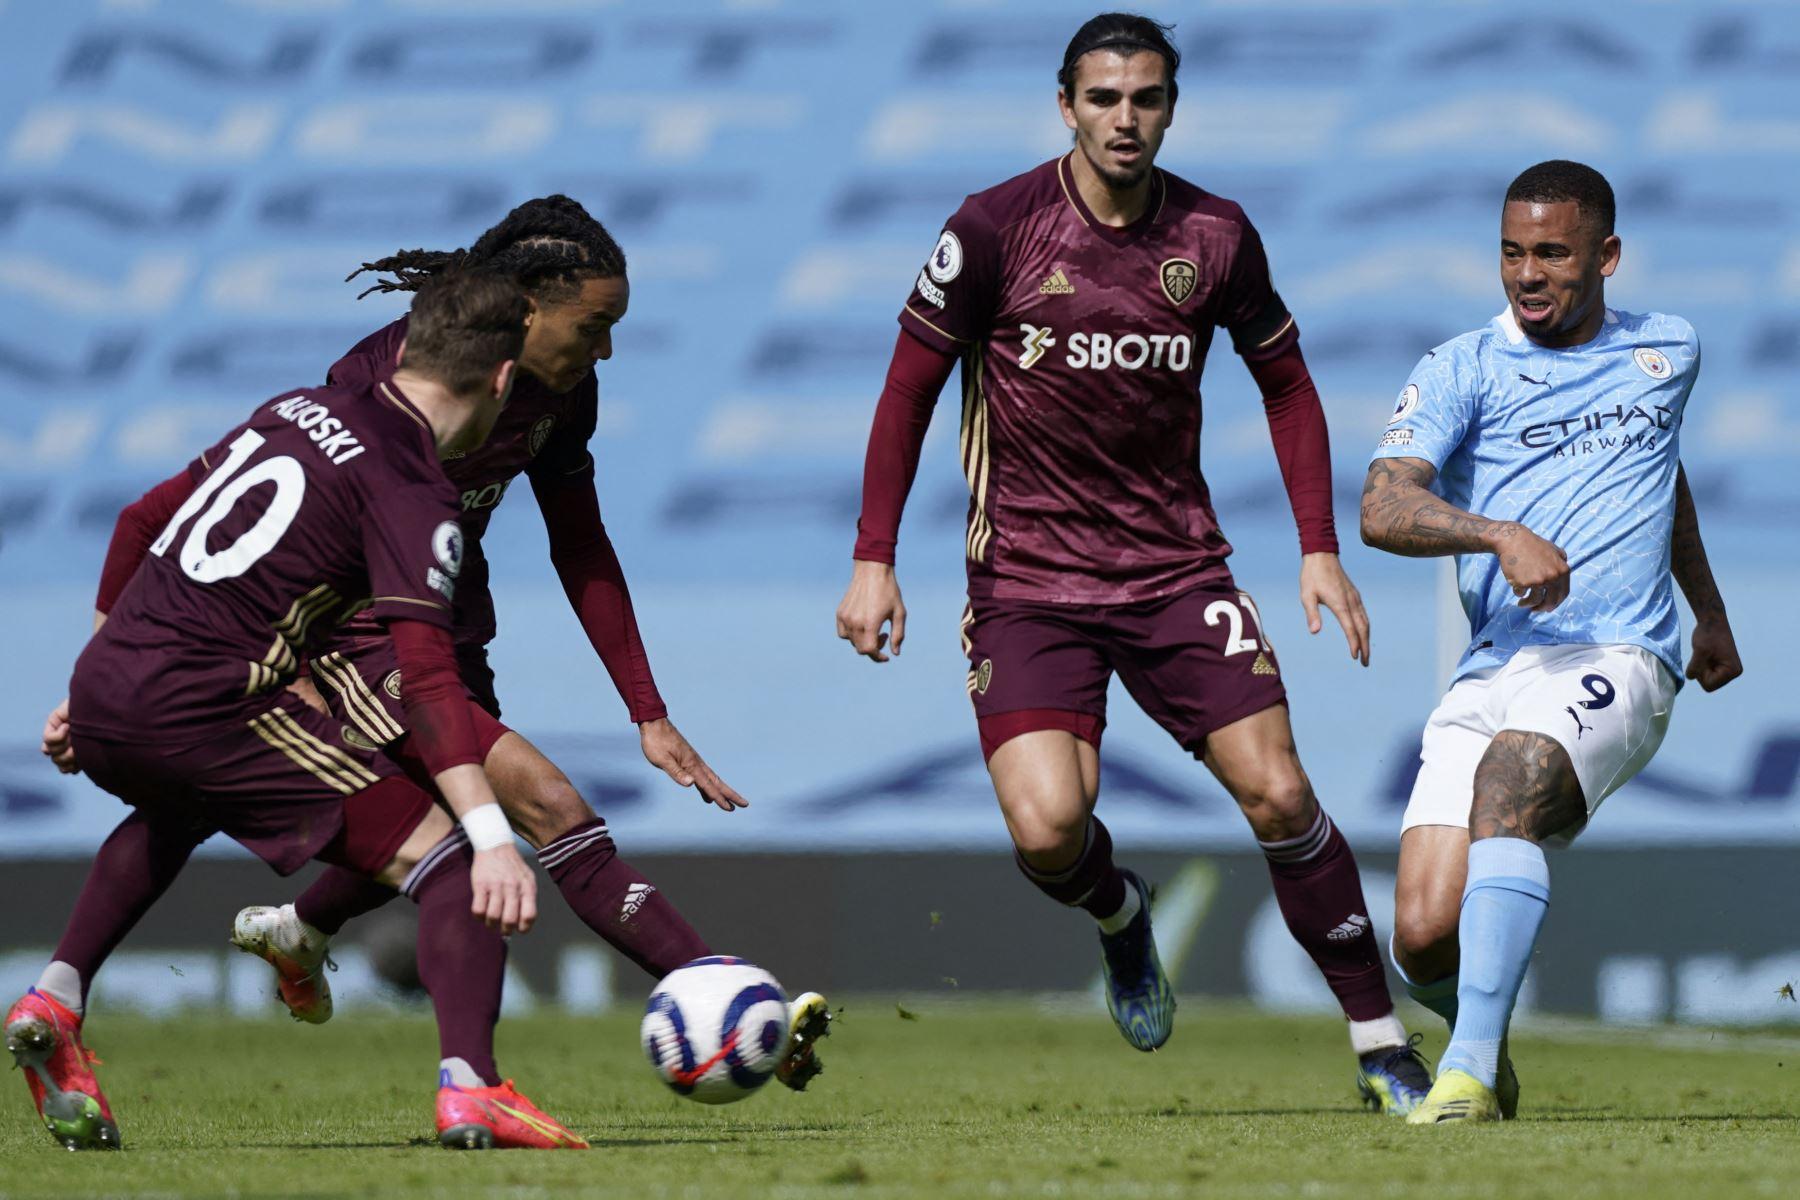 El delantero brasileño del Manchester City Gabriel Jesus  pasa el balón durante el partido de fútbol de la Premier League inglesa entre el Manchester City y el Leeds United. Foto: AFP